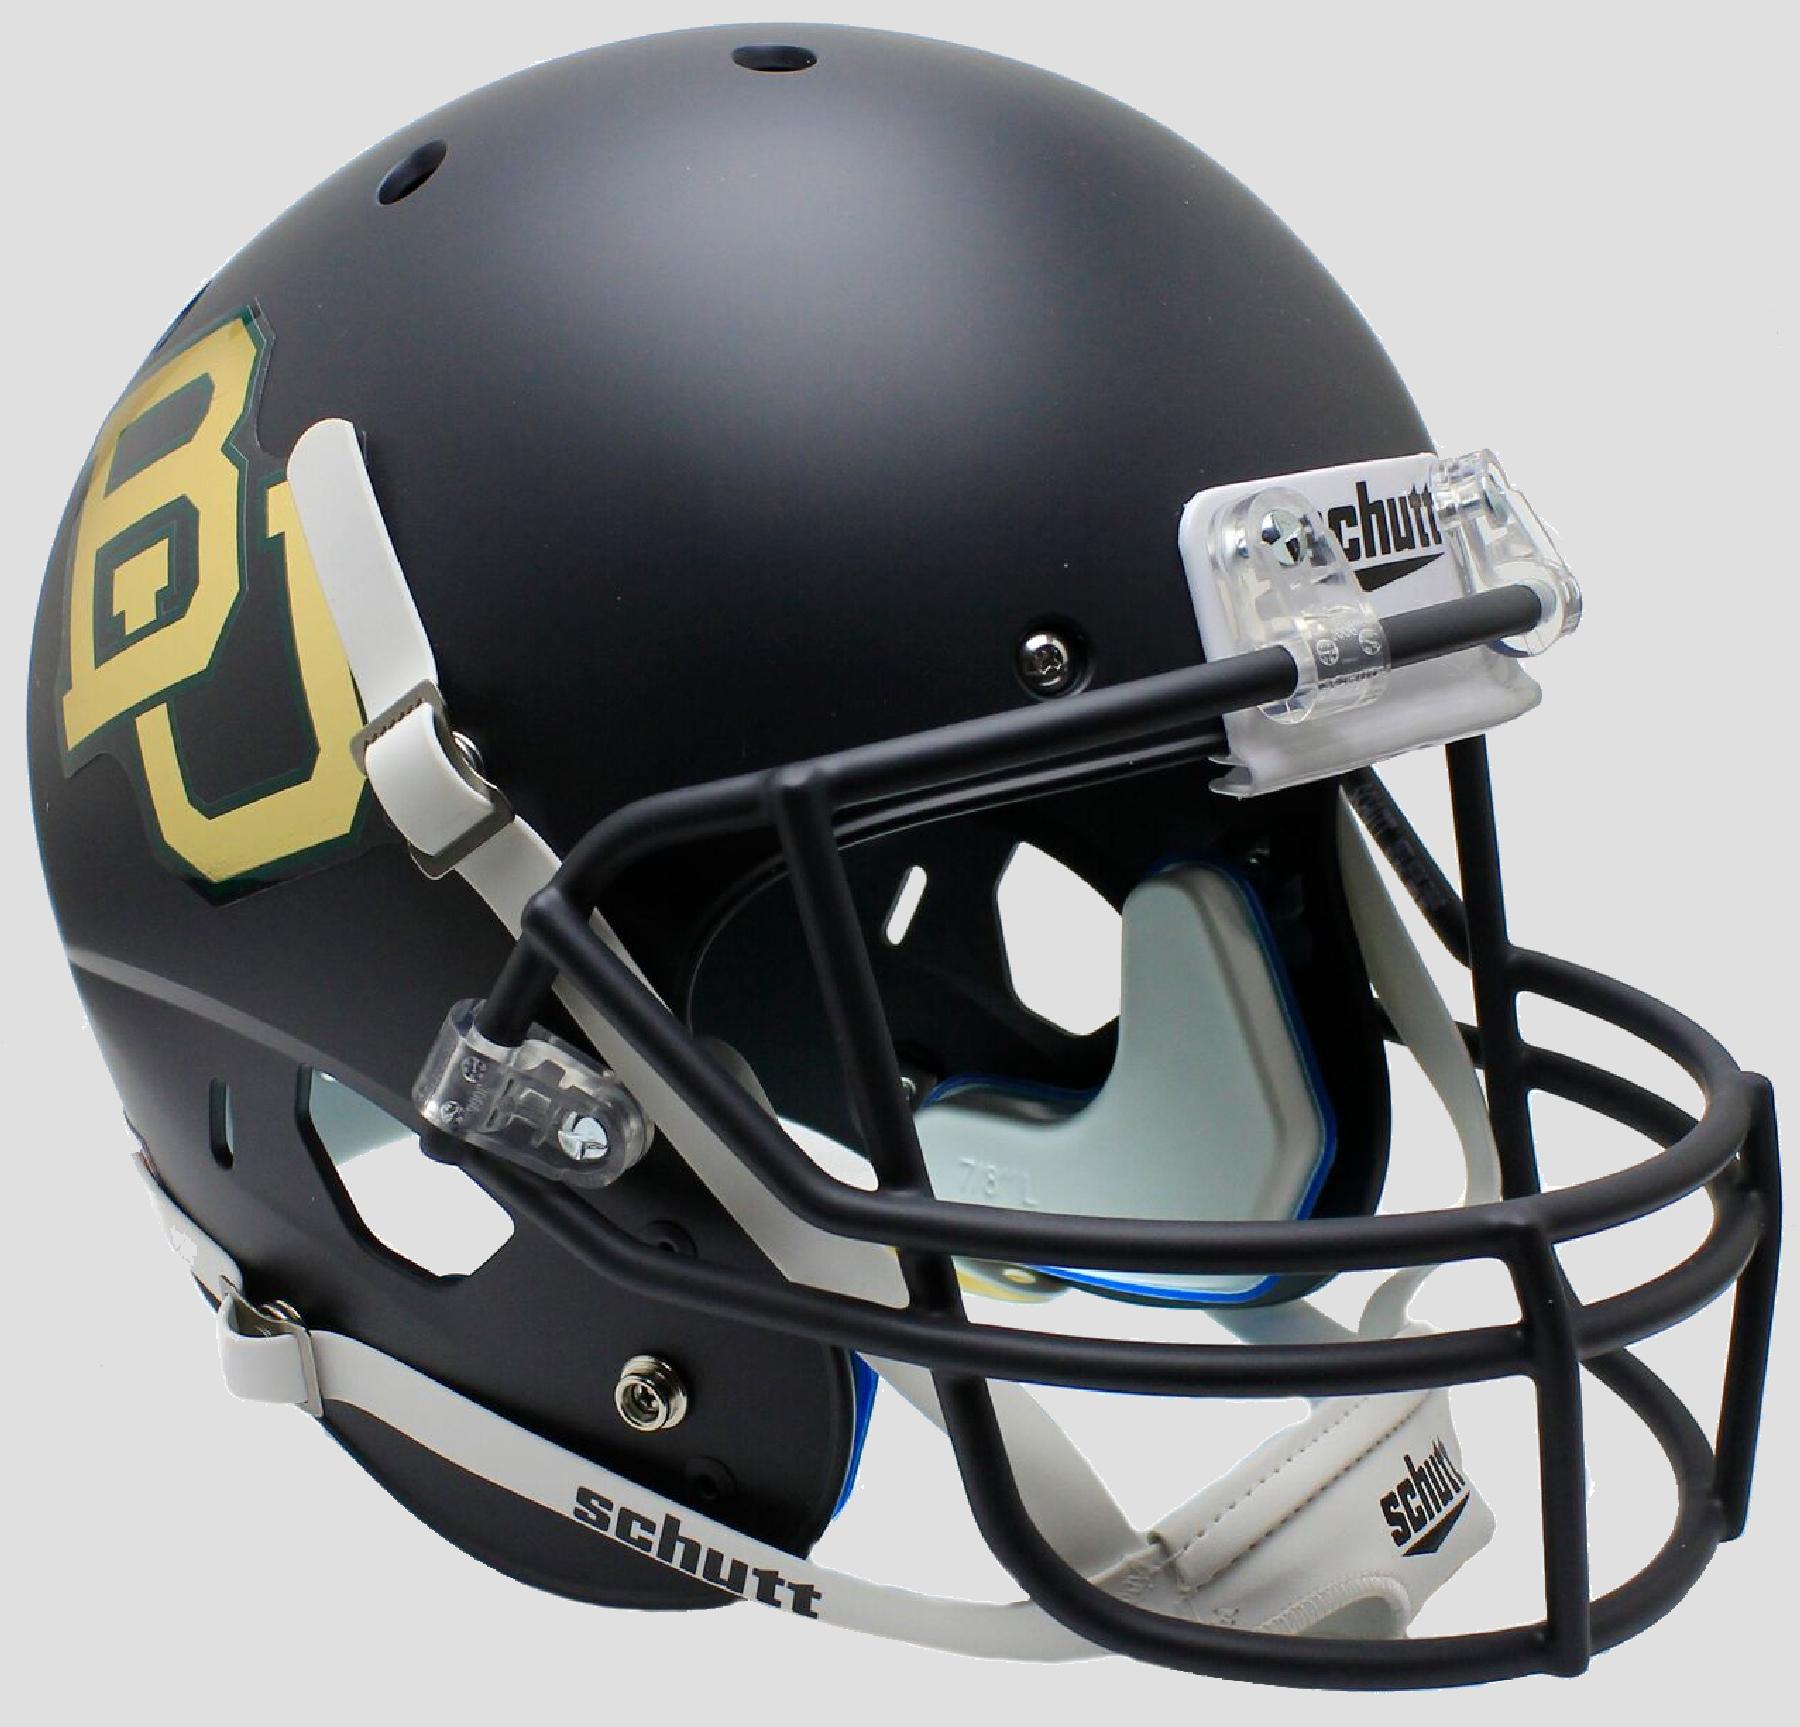 Baylor Bears Full XP Replica Football Helmet Schutt  <B>Matte Anthracite Chrome Decal</B>